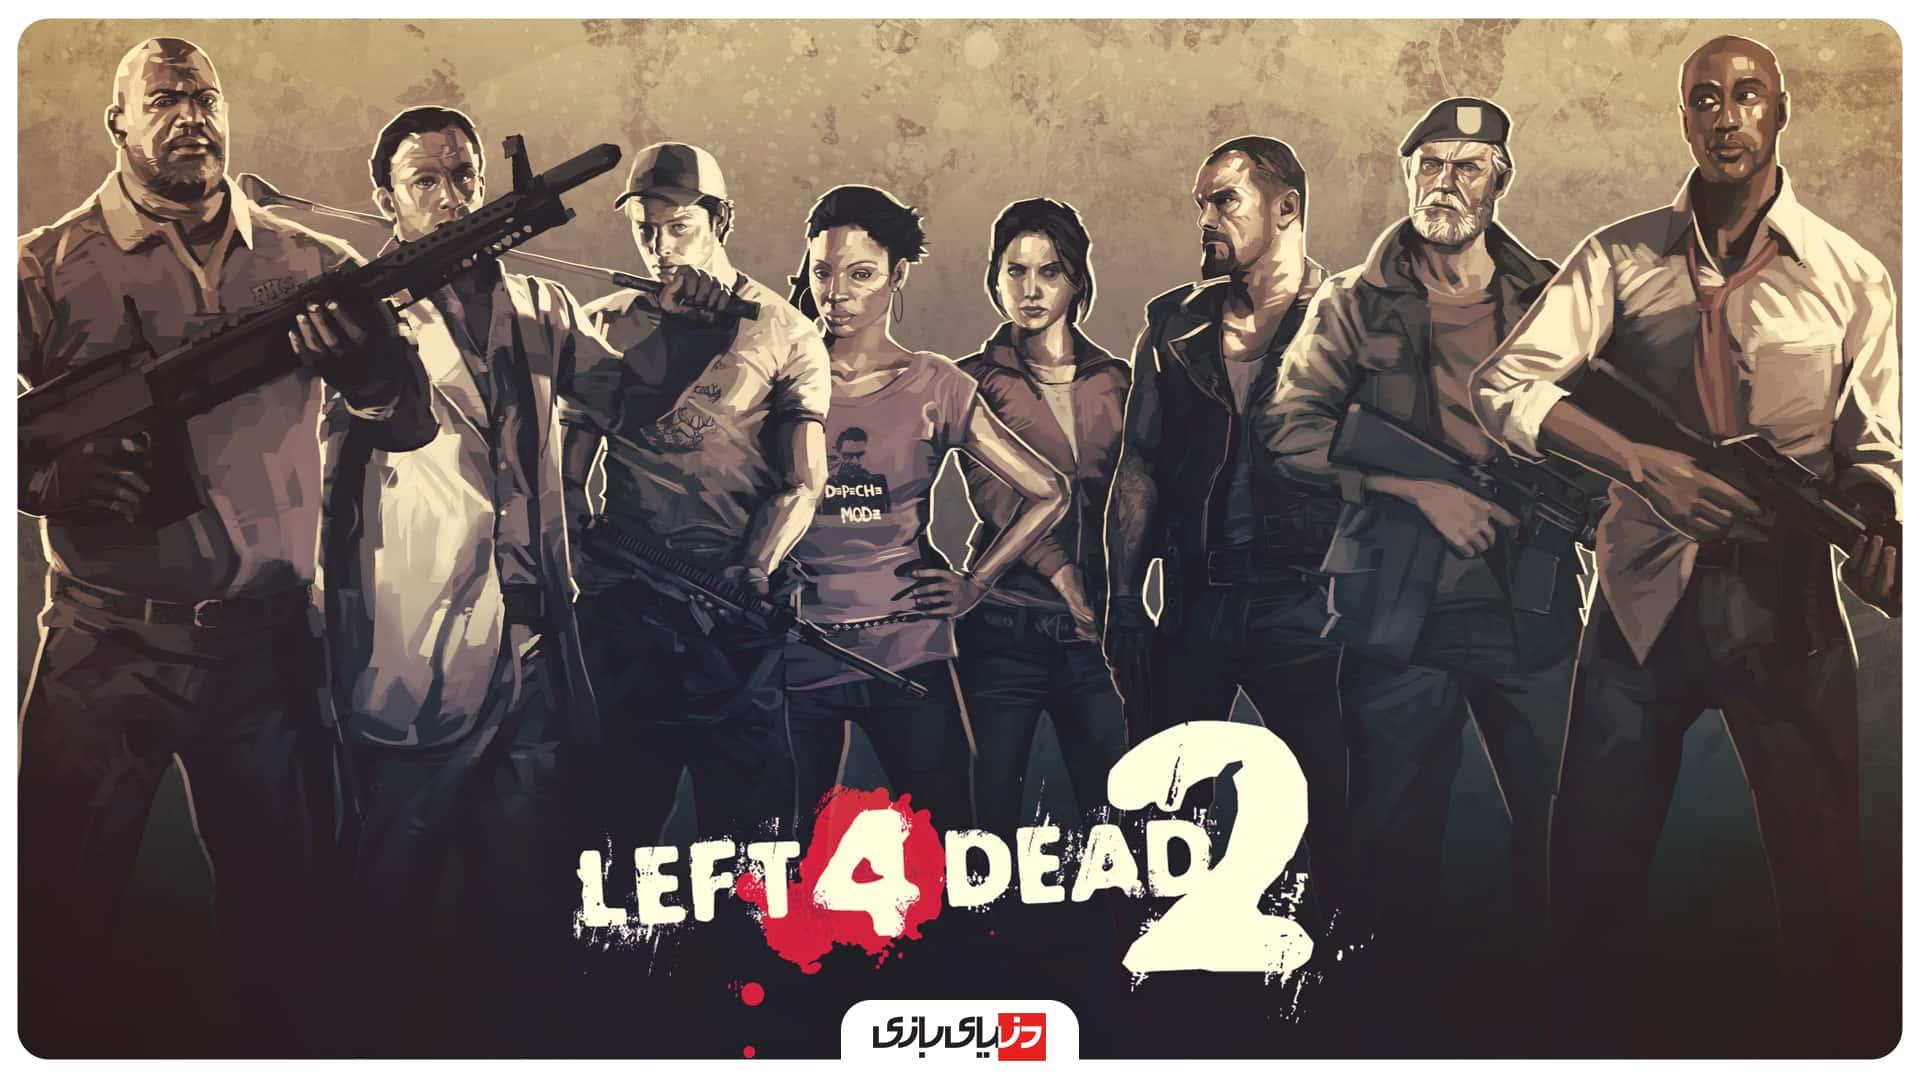 بهترین بازی ترسناک - Left for Dead 2 (L4D2)